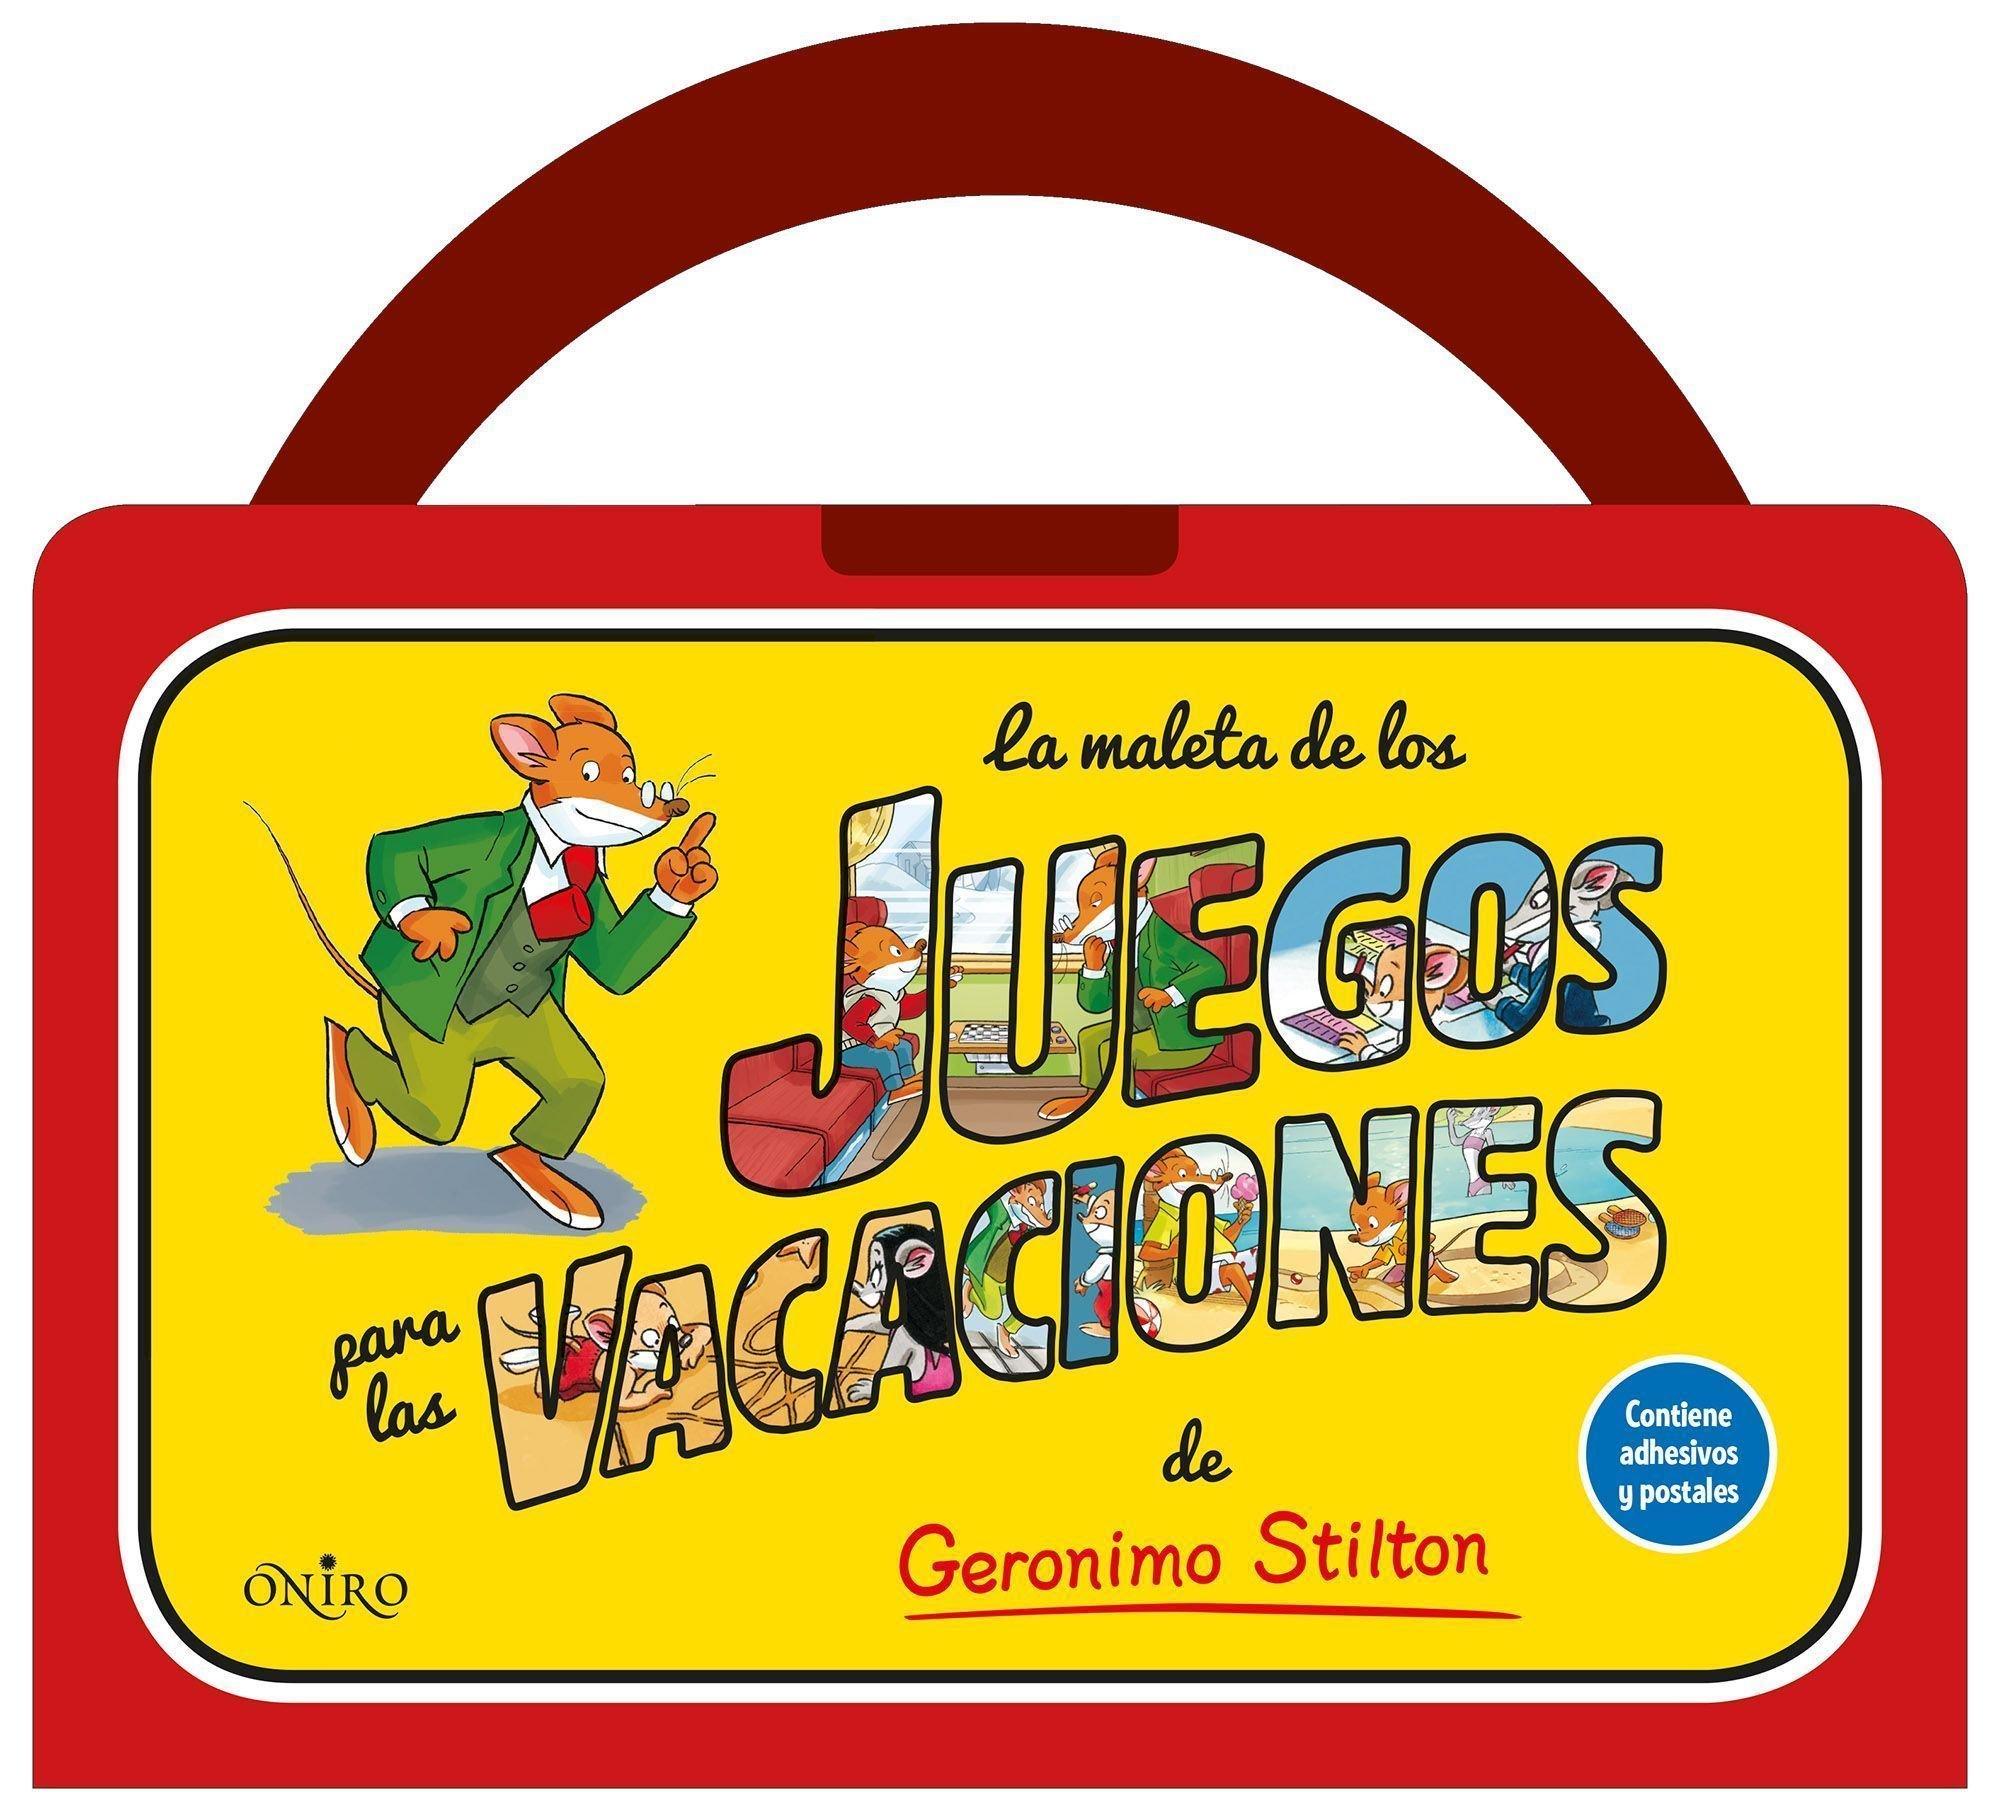 La maleta de los juegos para las vacaciones de Geronimo Stilton (Spanish) Paperback – June 1, 2014